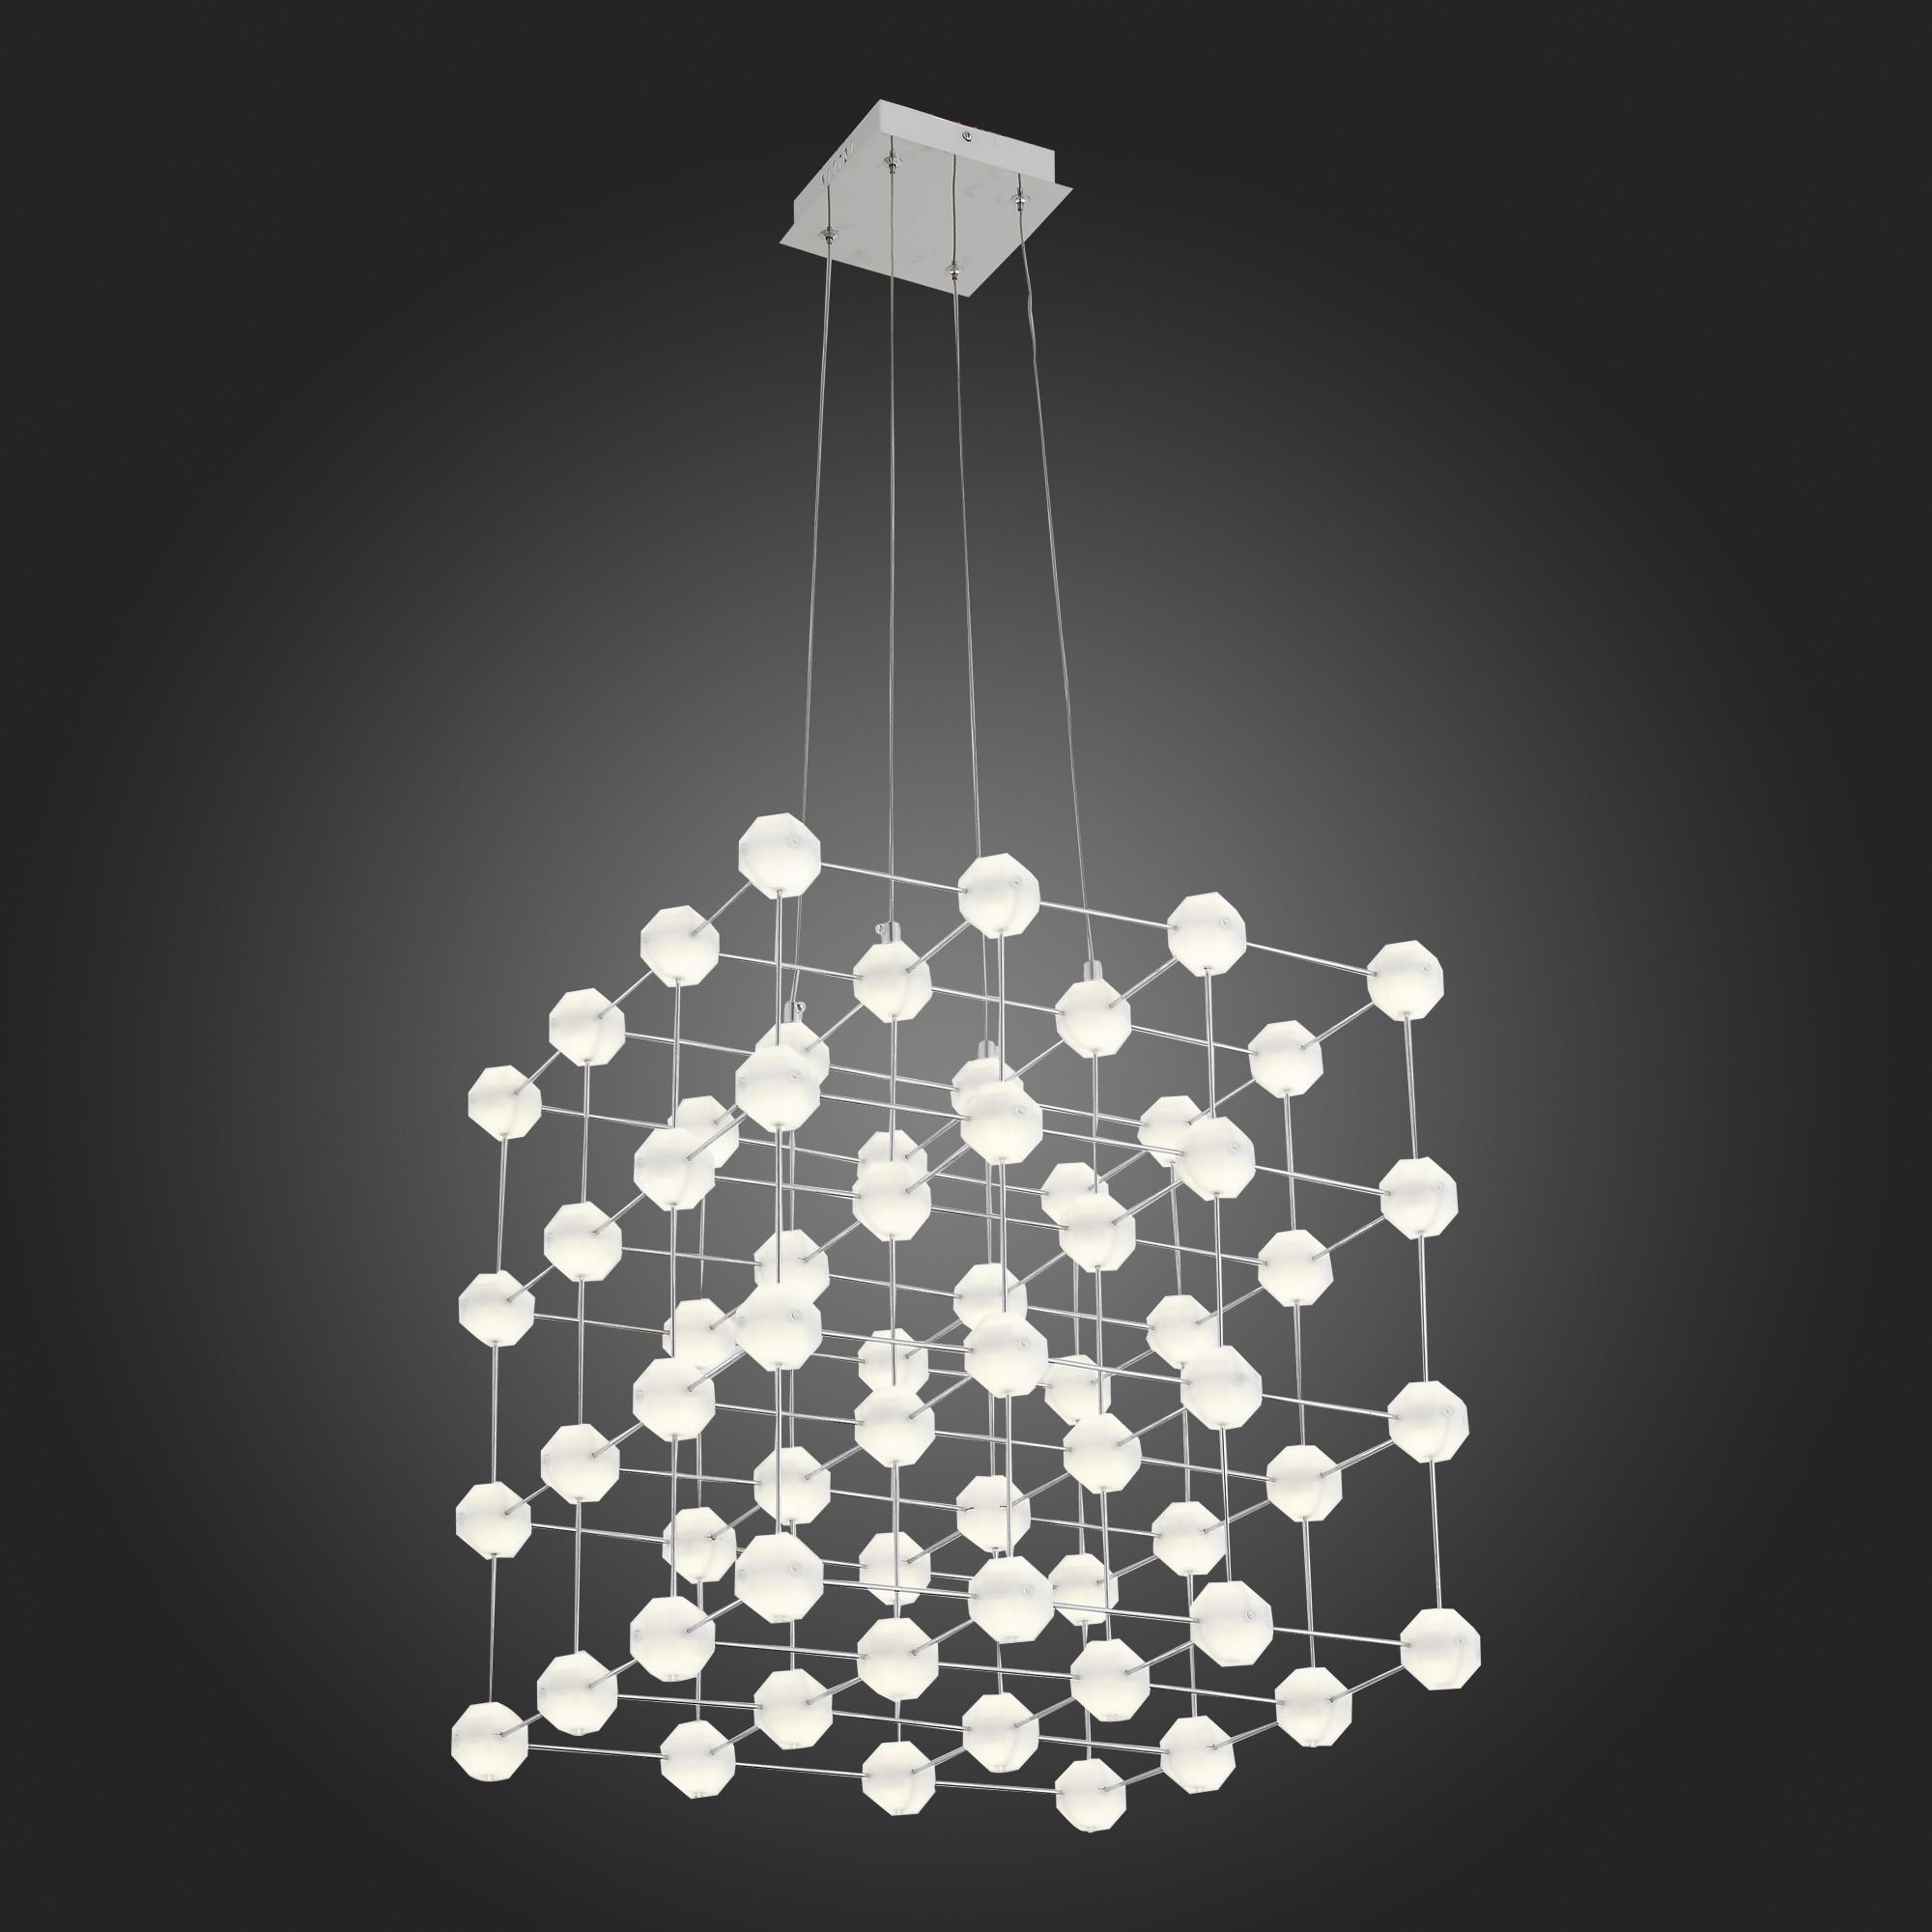 Подвесная светодиодная люстра ST Luce Atomo SL797.103.64 4000K (дневной), хром, белый, металл, пластик - фото 3